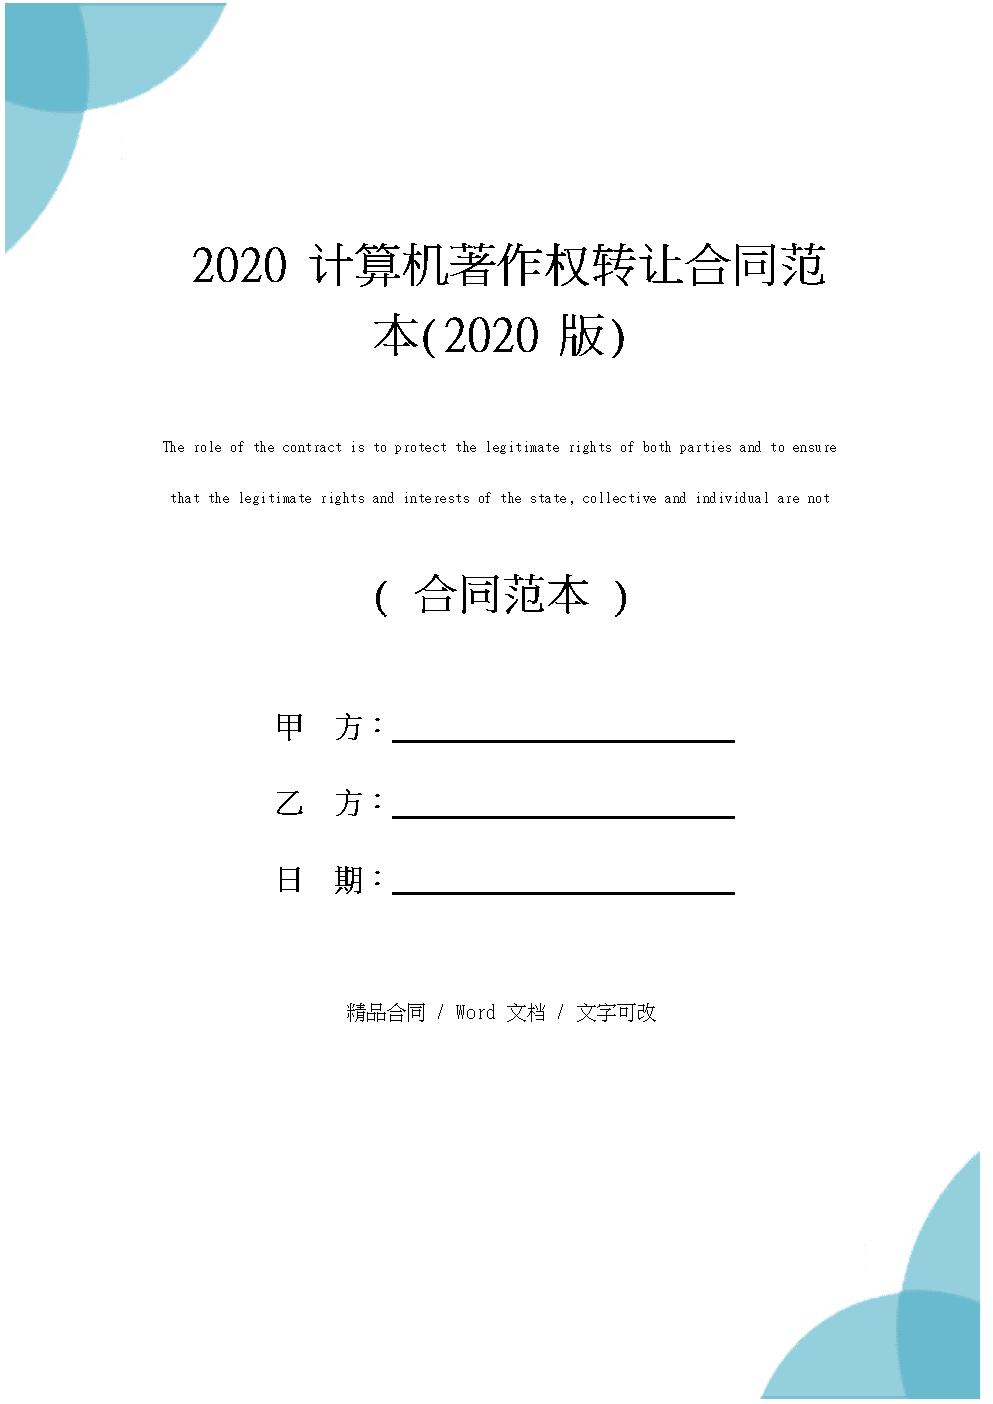 2020计算机著作权转让合同范本正式模版.docx